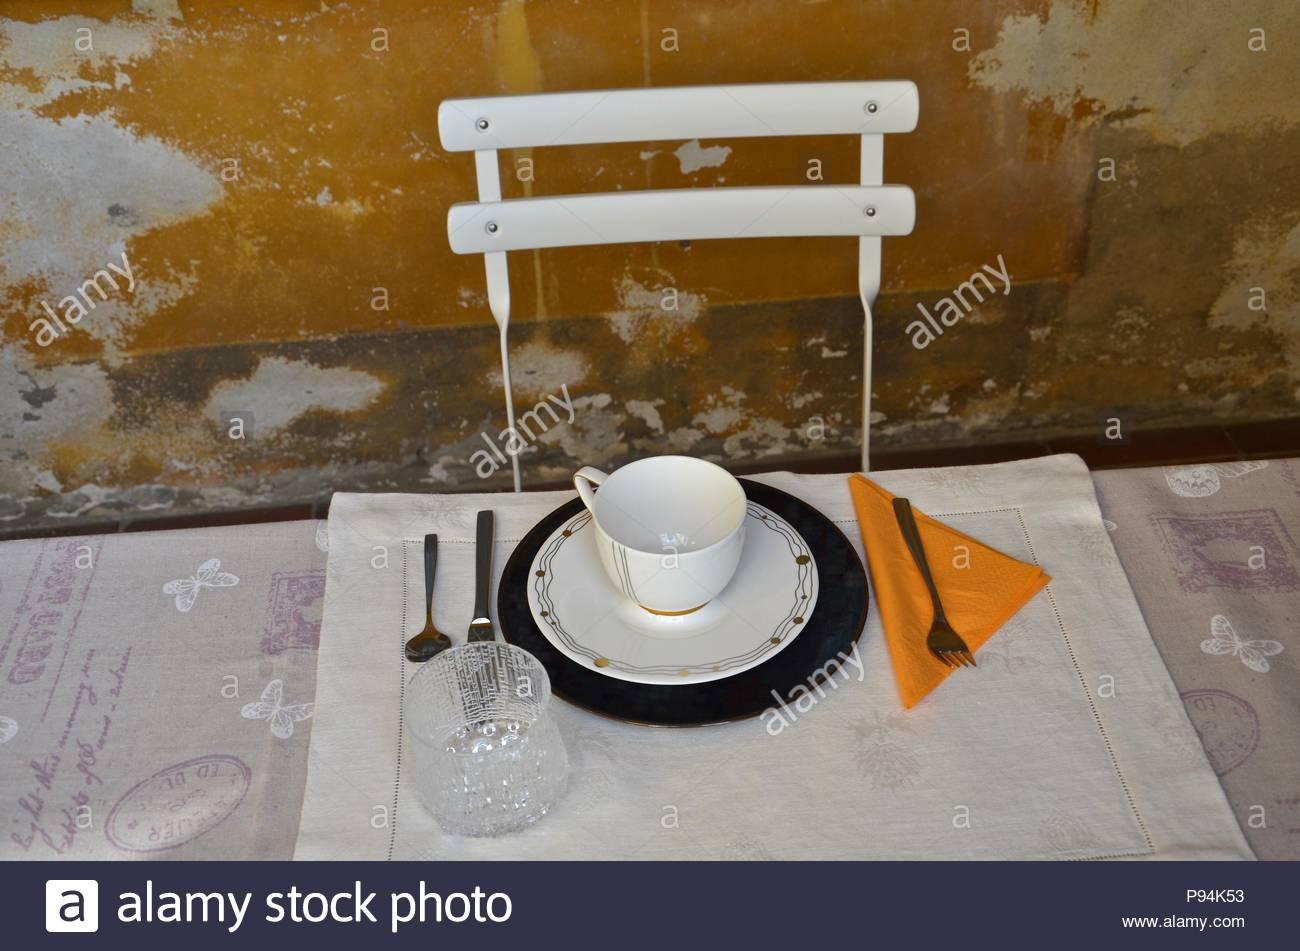 Tabelle Einstellung für ein, ockerfarbenen Hintergrund, mittelalterliches Haus Fassade, Alte, Frühstück, Gerichte, Orange, Weiß, Geschirr, Lombardei, Italien Stockbild